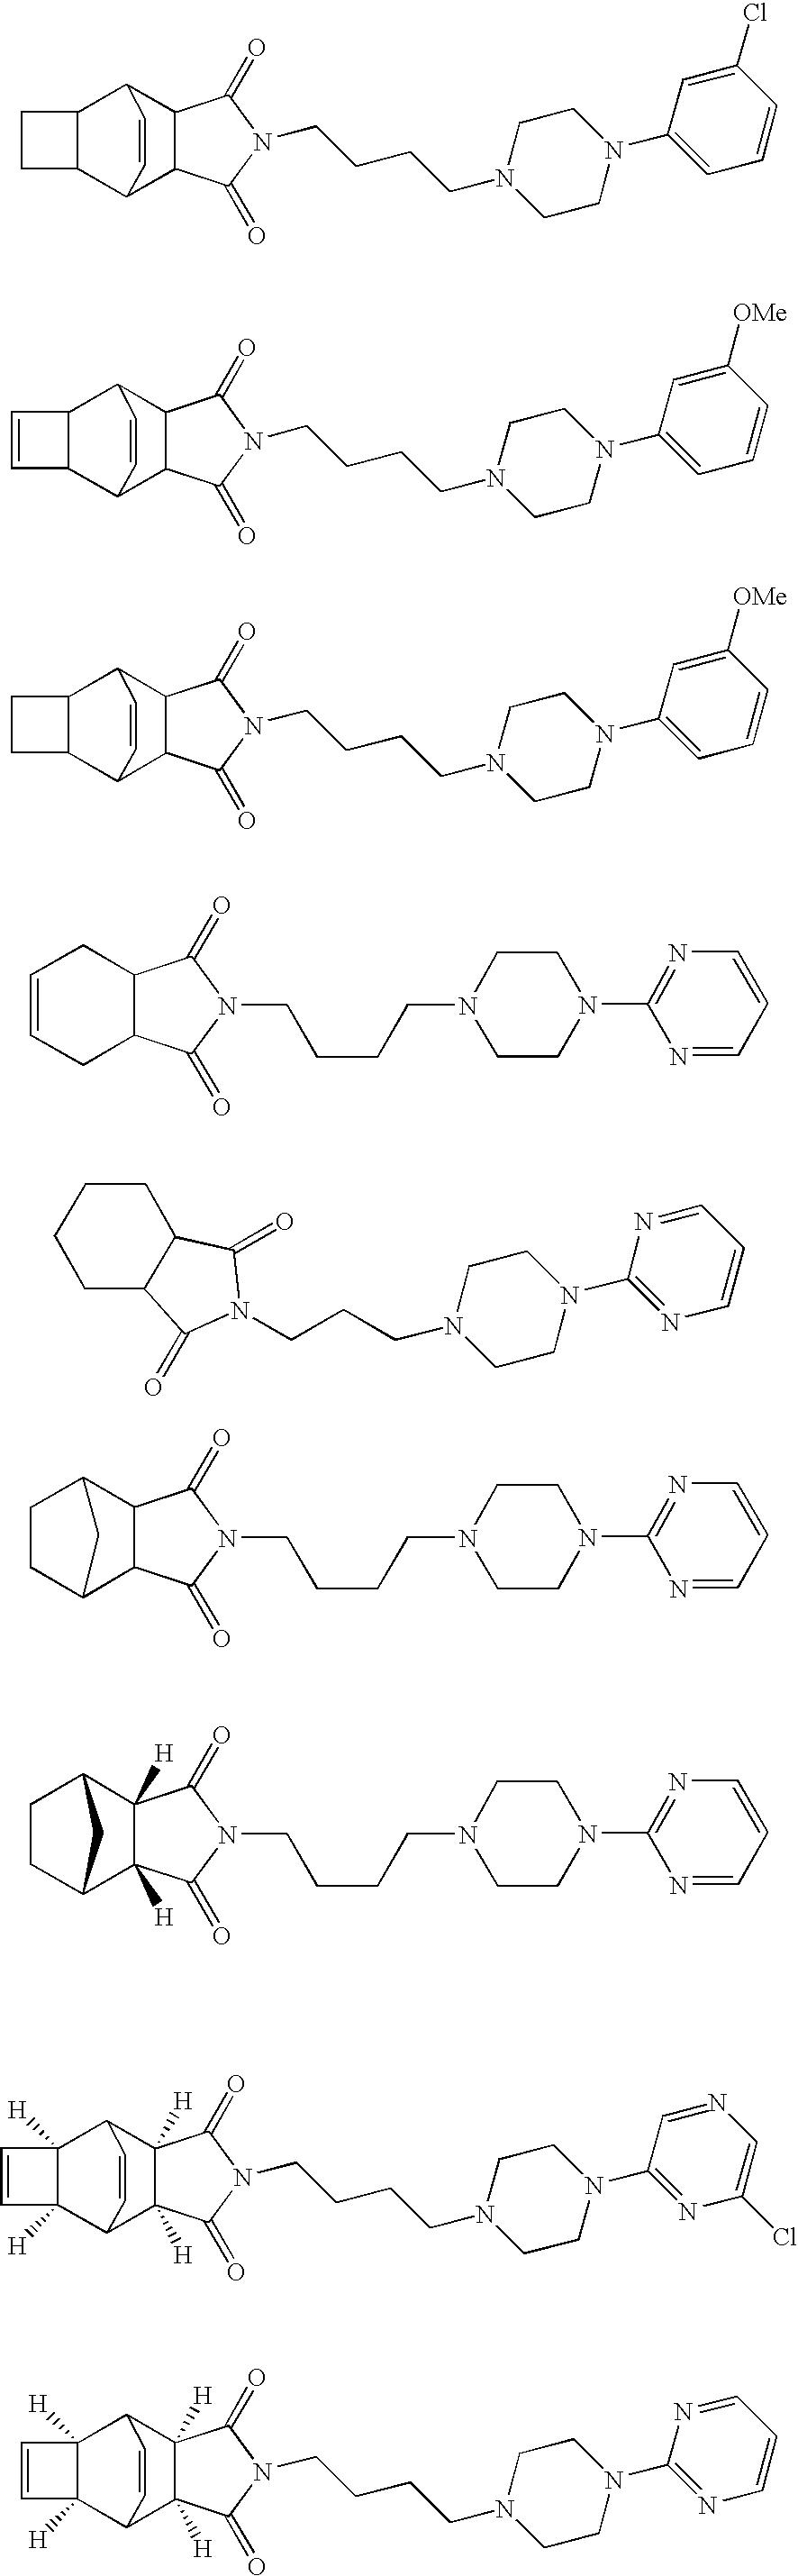 Figure US20100009983A1-20100114-C00035